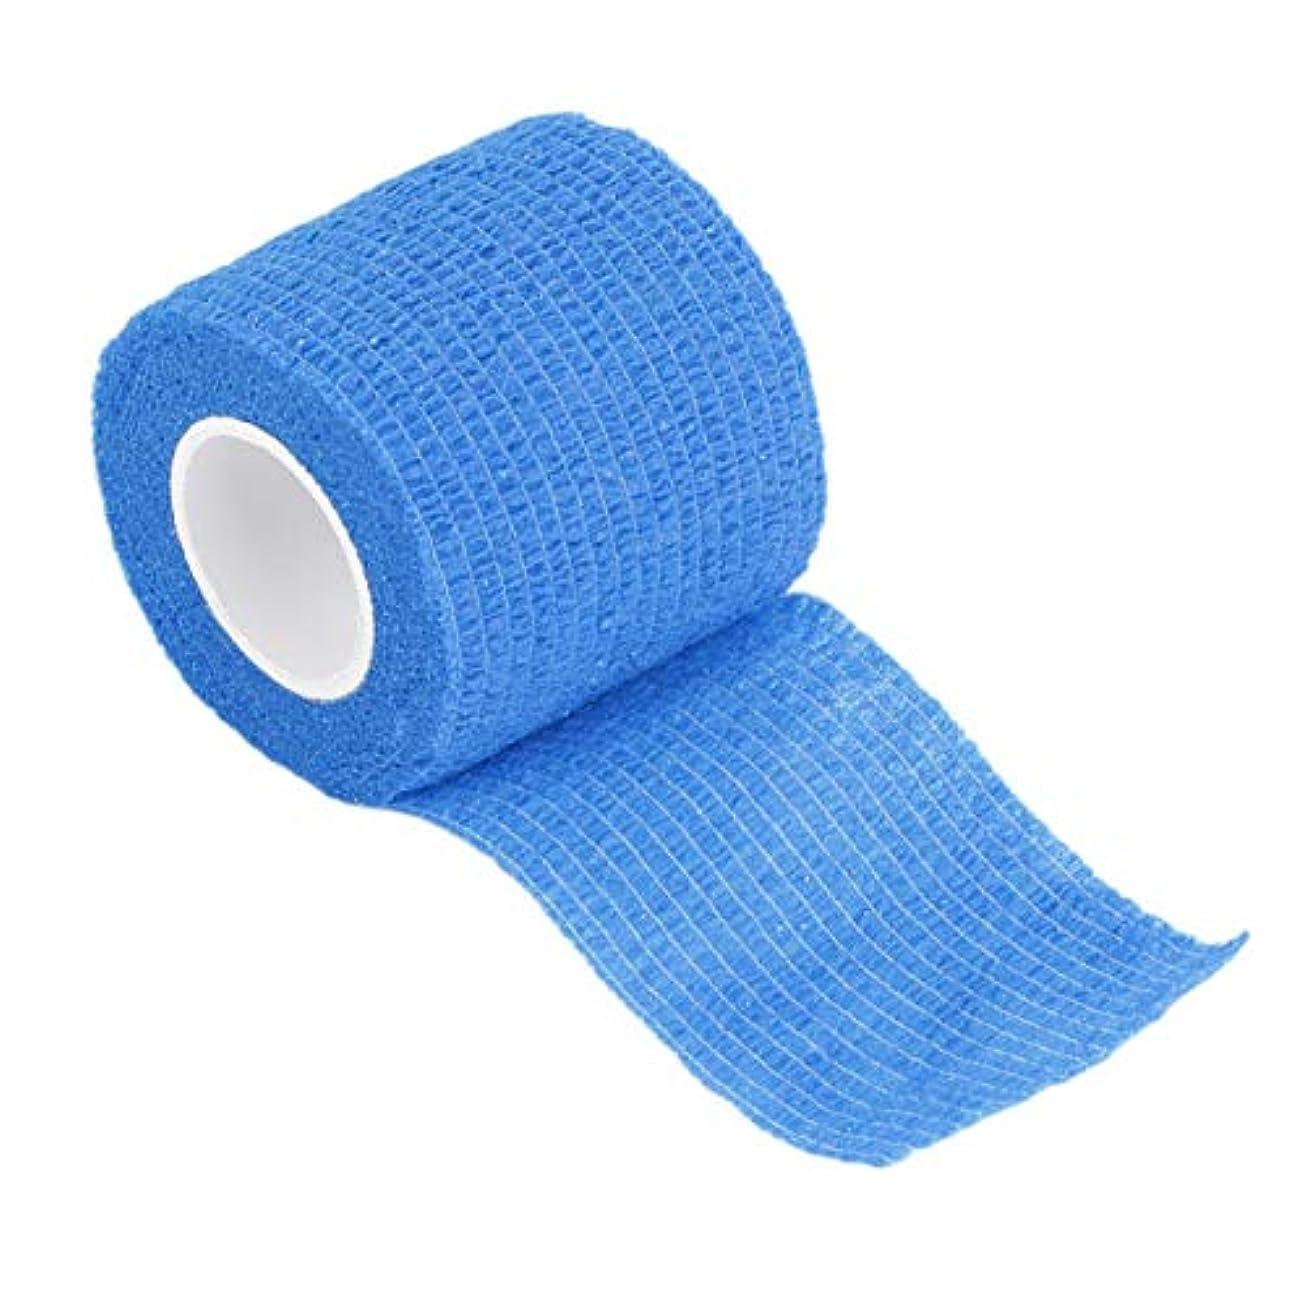 DeeploveUU 5センチ* 4.5メートル不織布自己接着包帯ラップ弾性接着剤応急処置テープストレッチ肘膝パッド